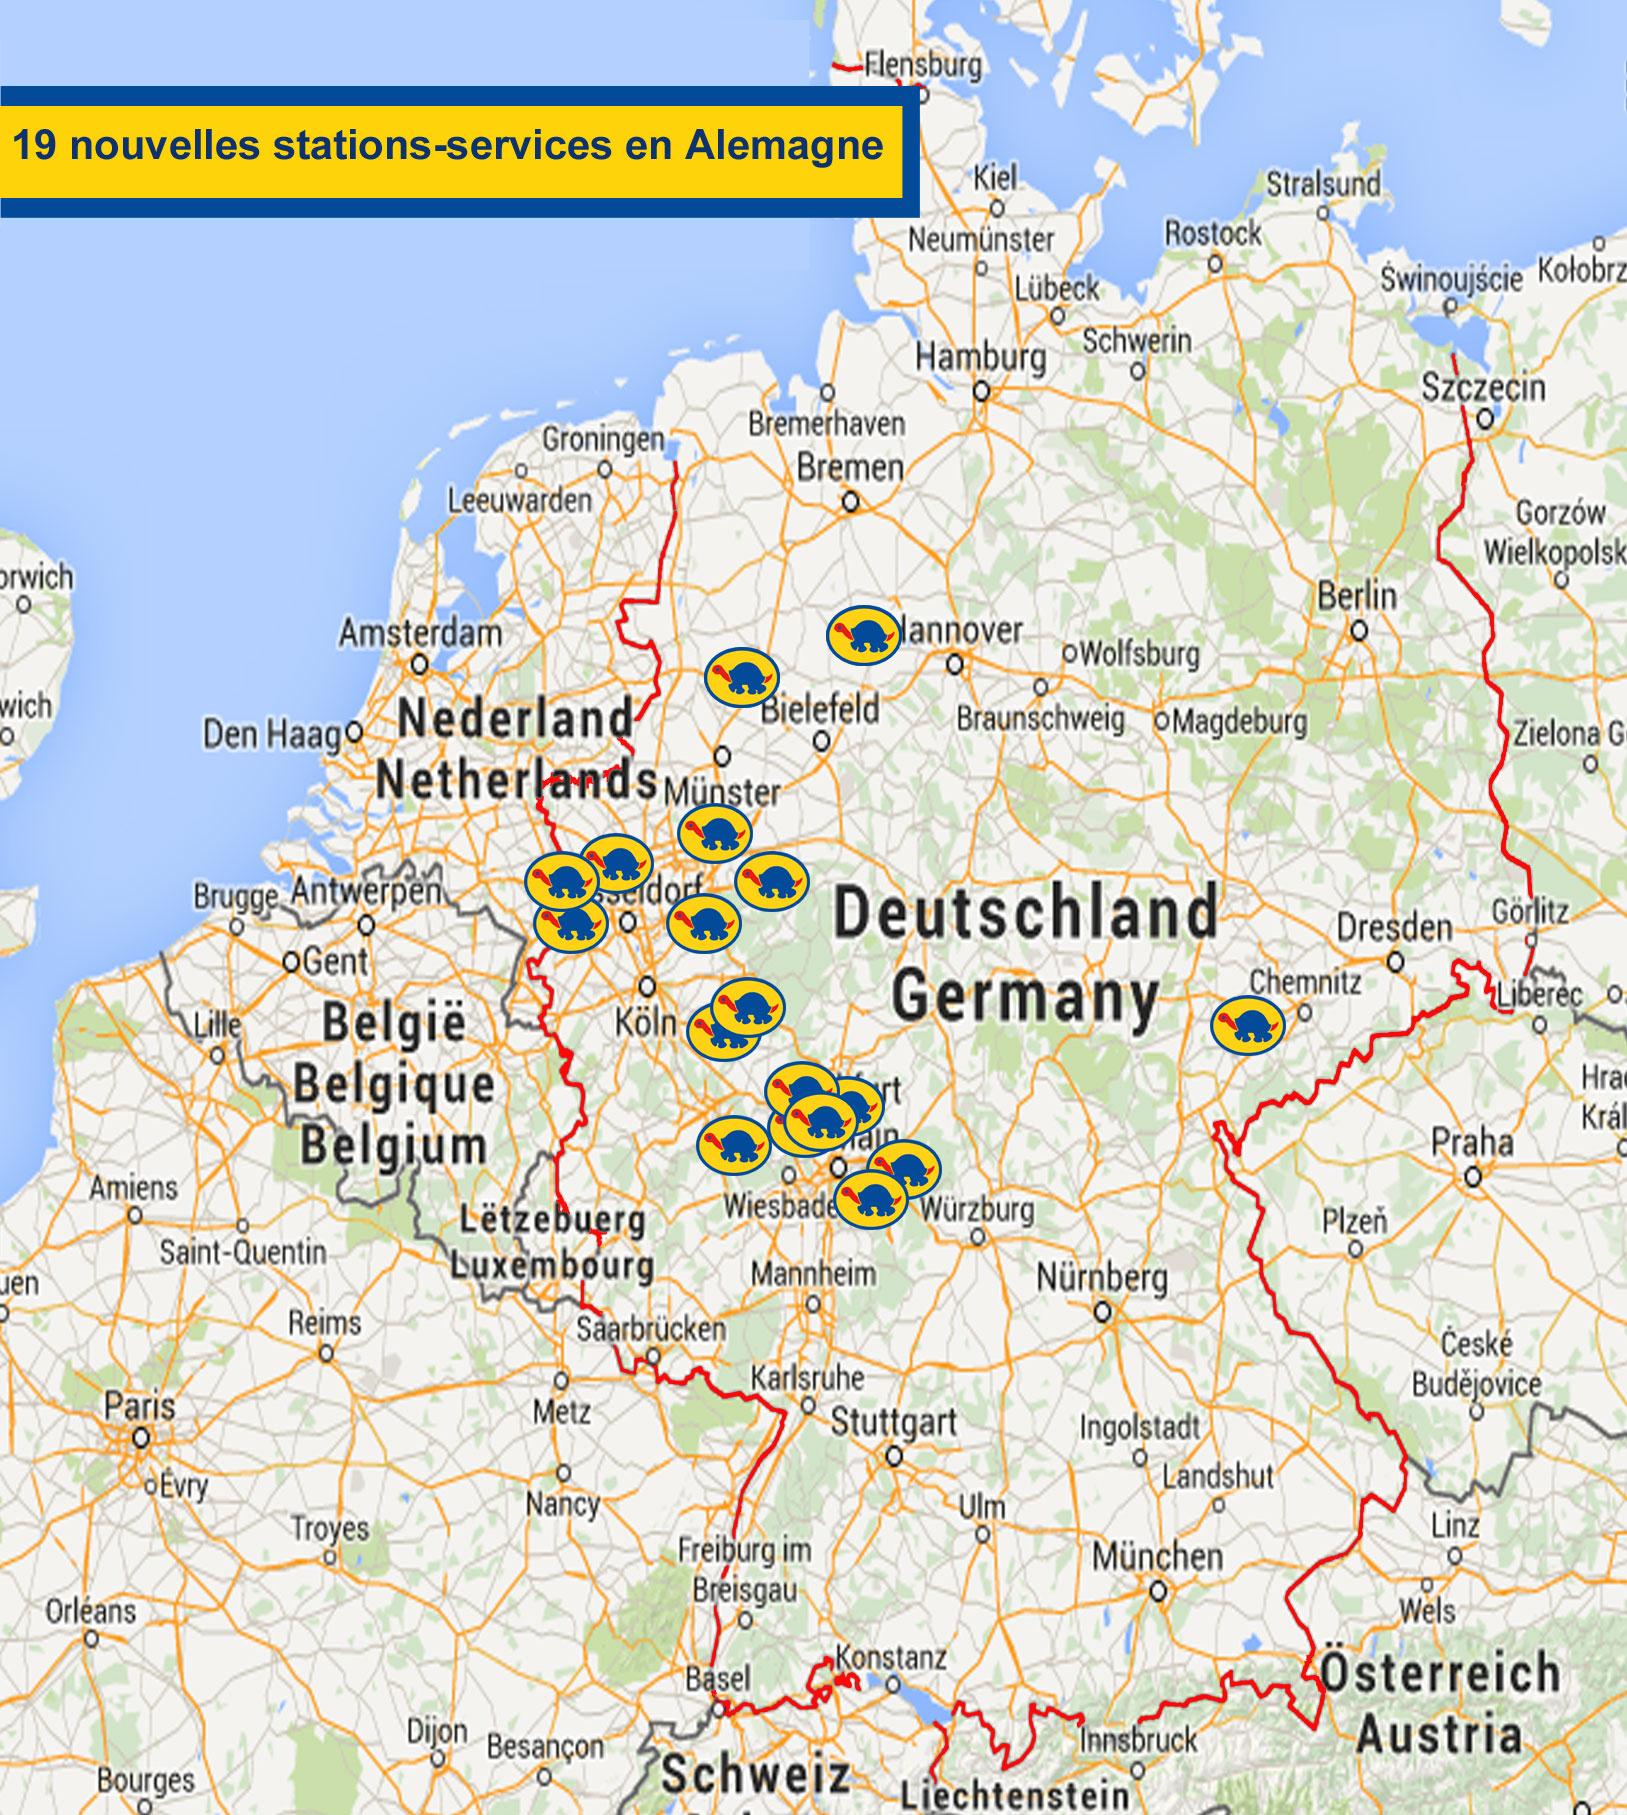 Carte Allemagne Et Hollande.Allemagne 19 Nouvelles Stations Services Onturtle